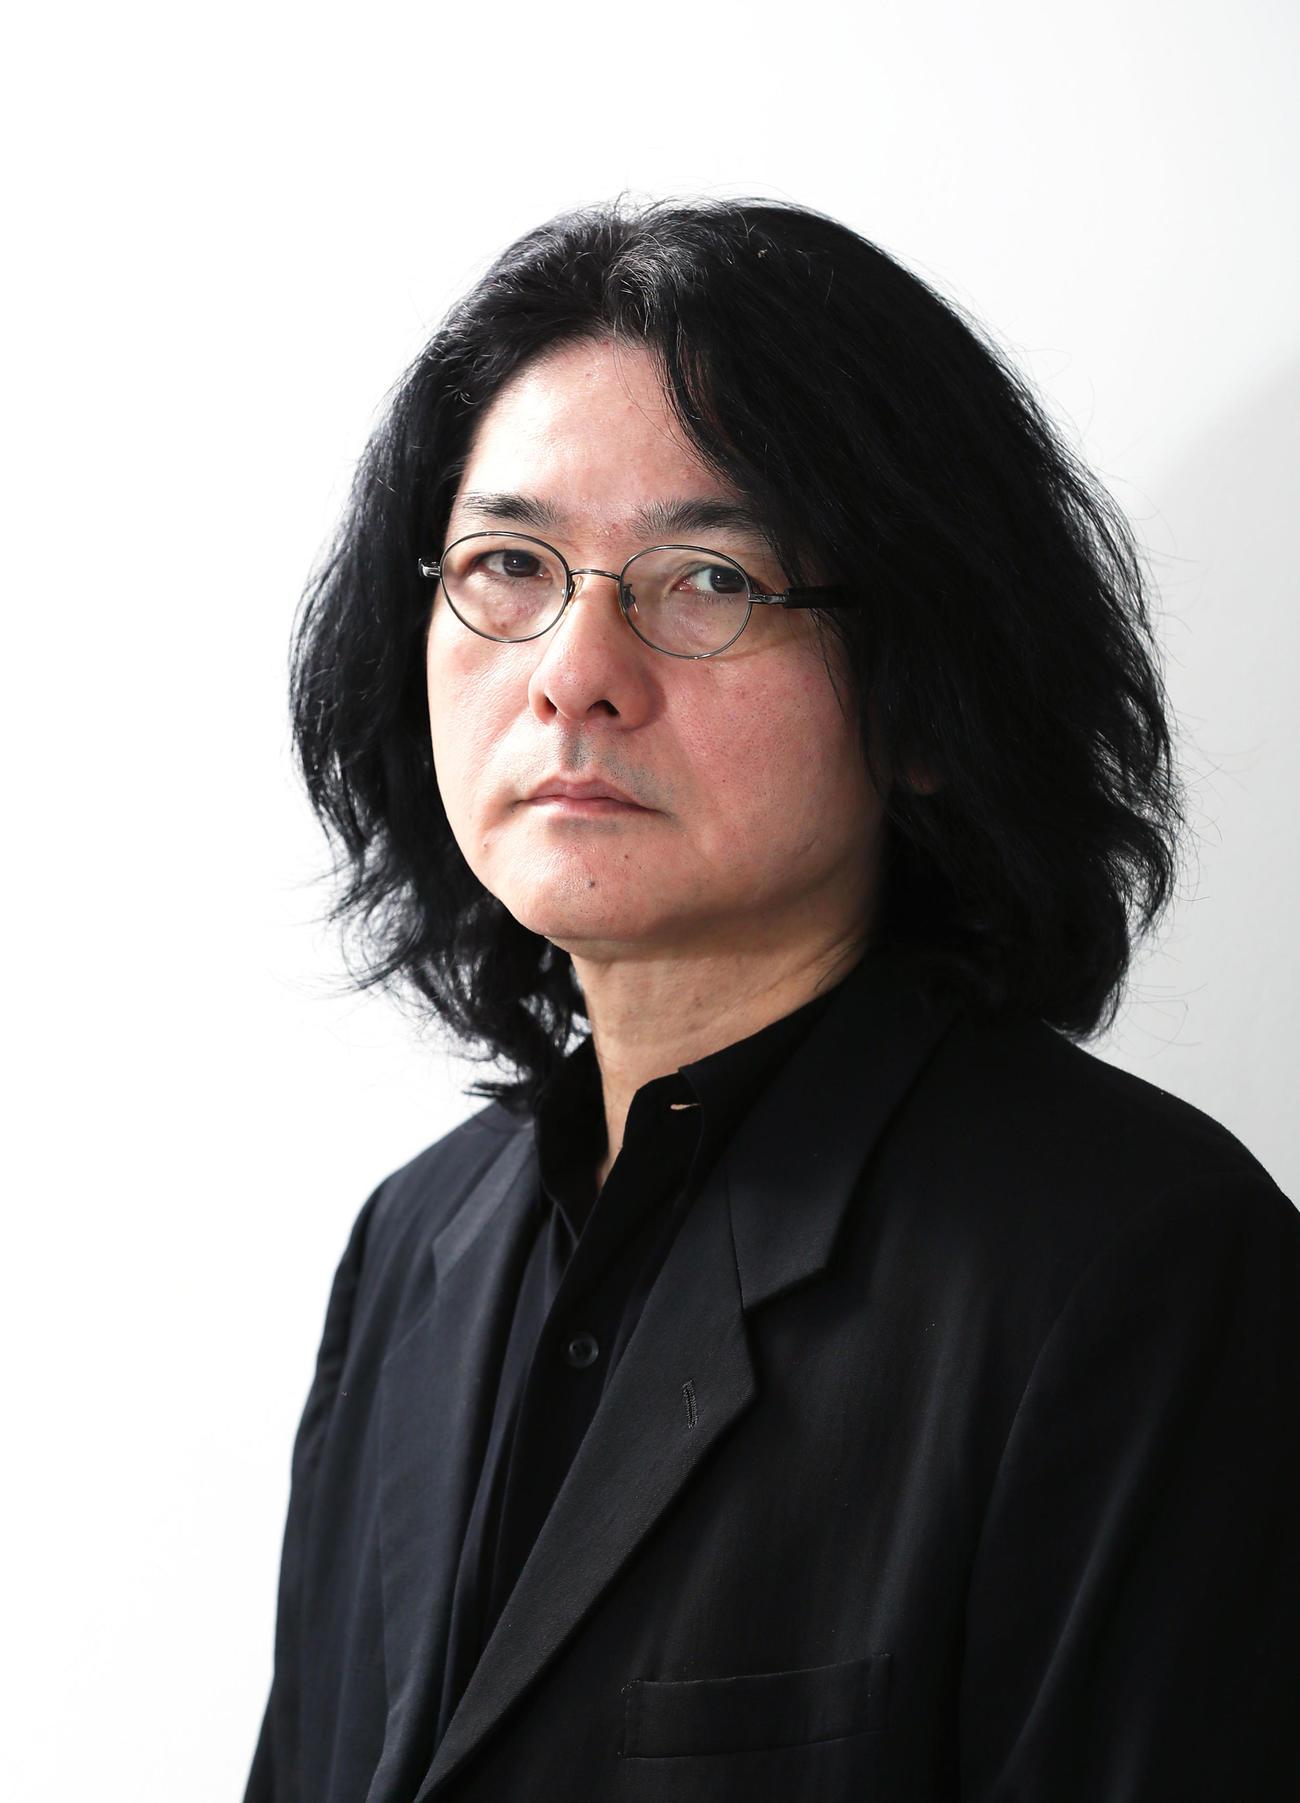 映画「ラストレター」への思いを語った岩井俊二監督(撮影・足立雅史)